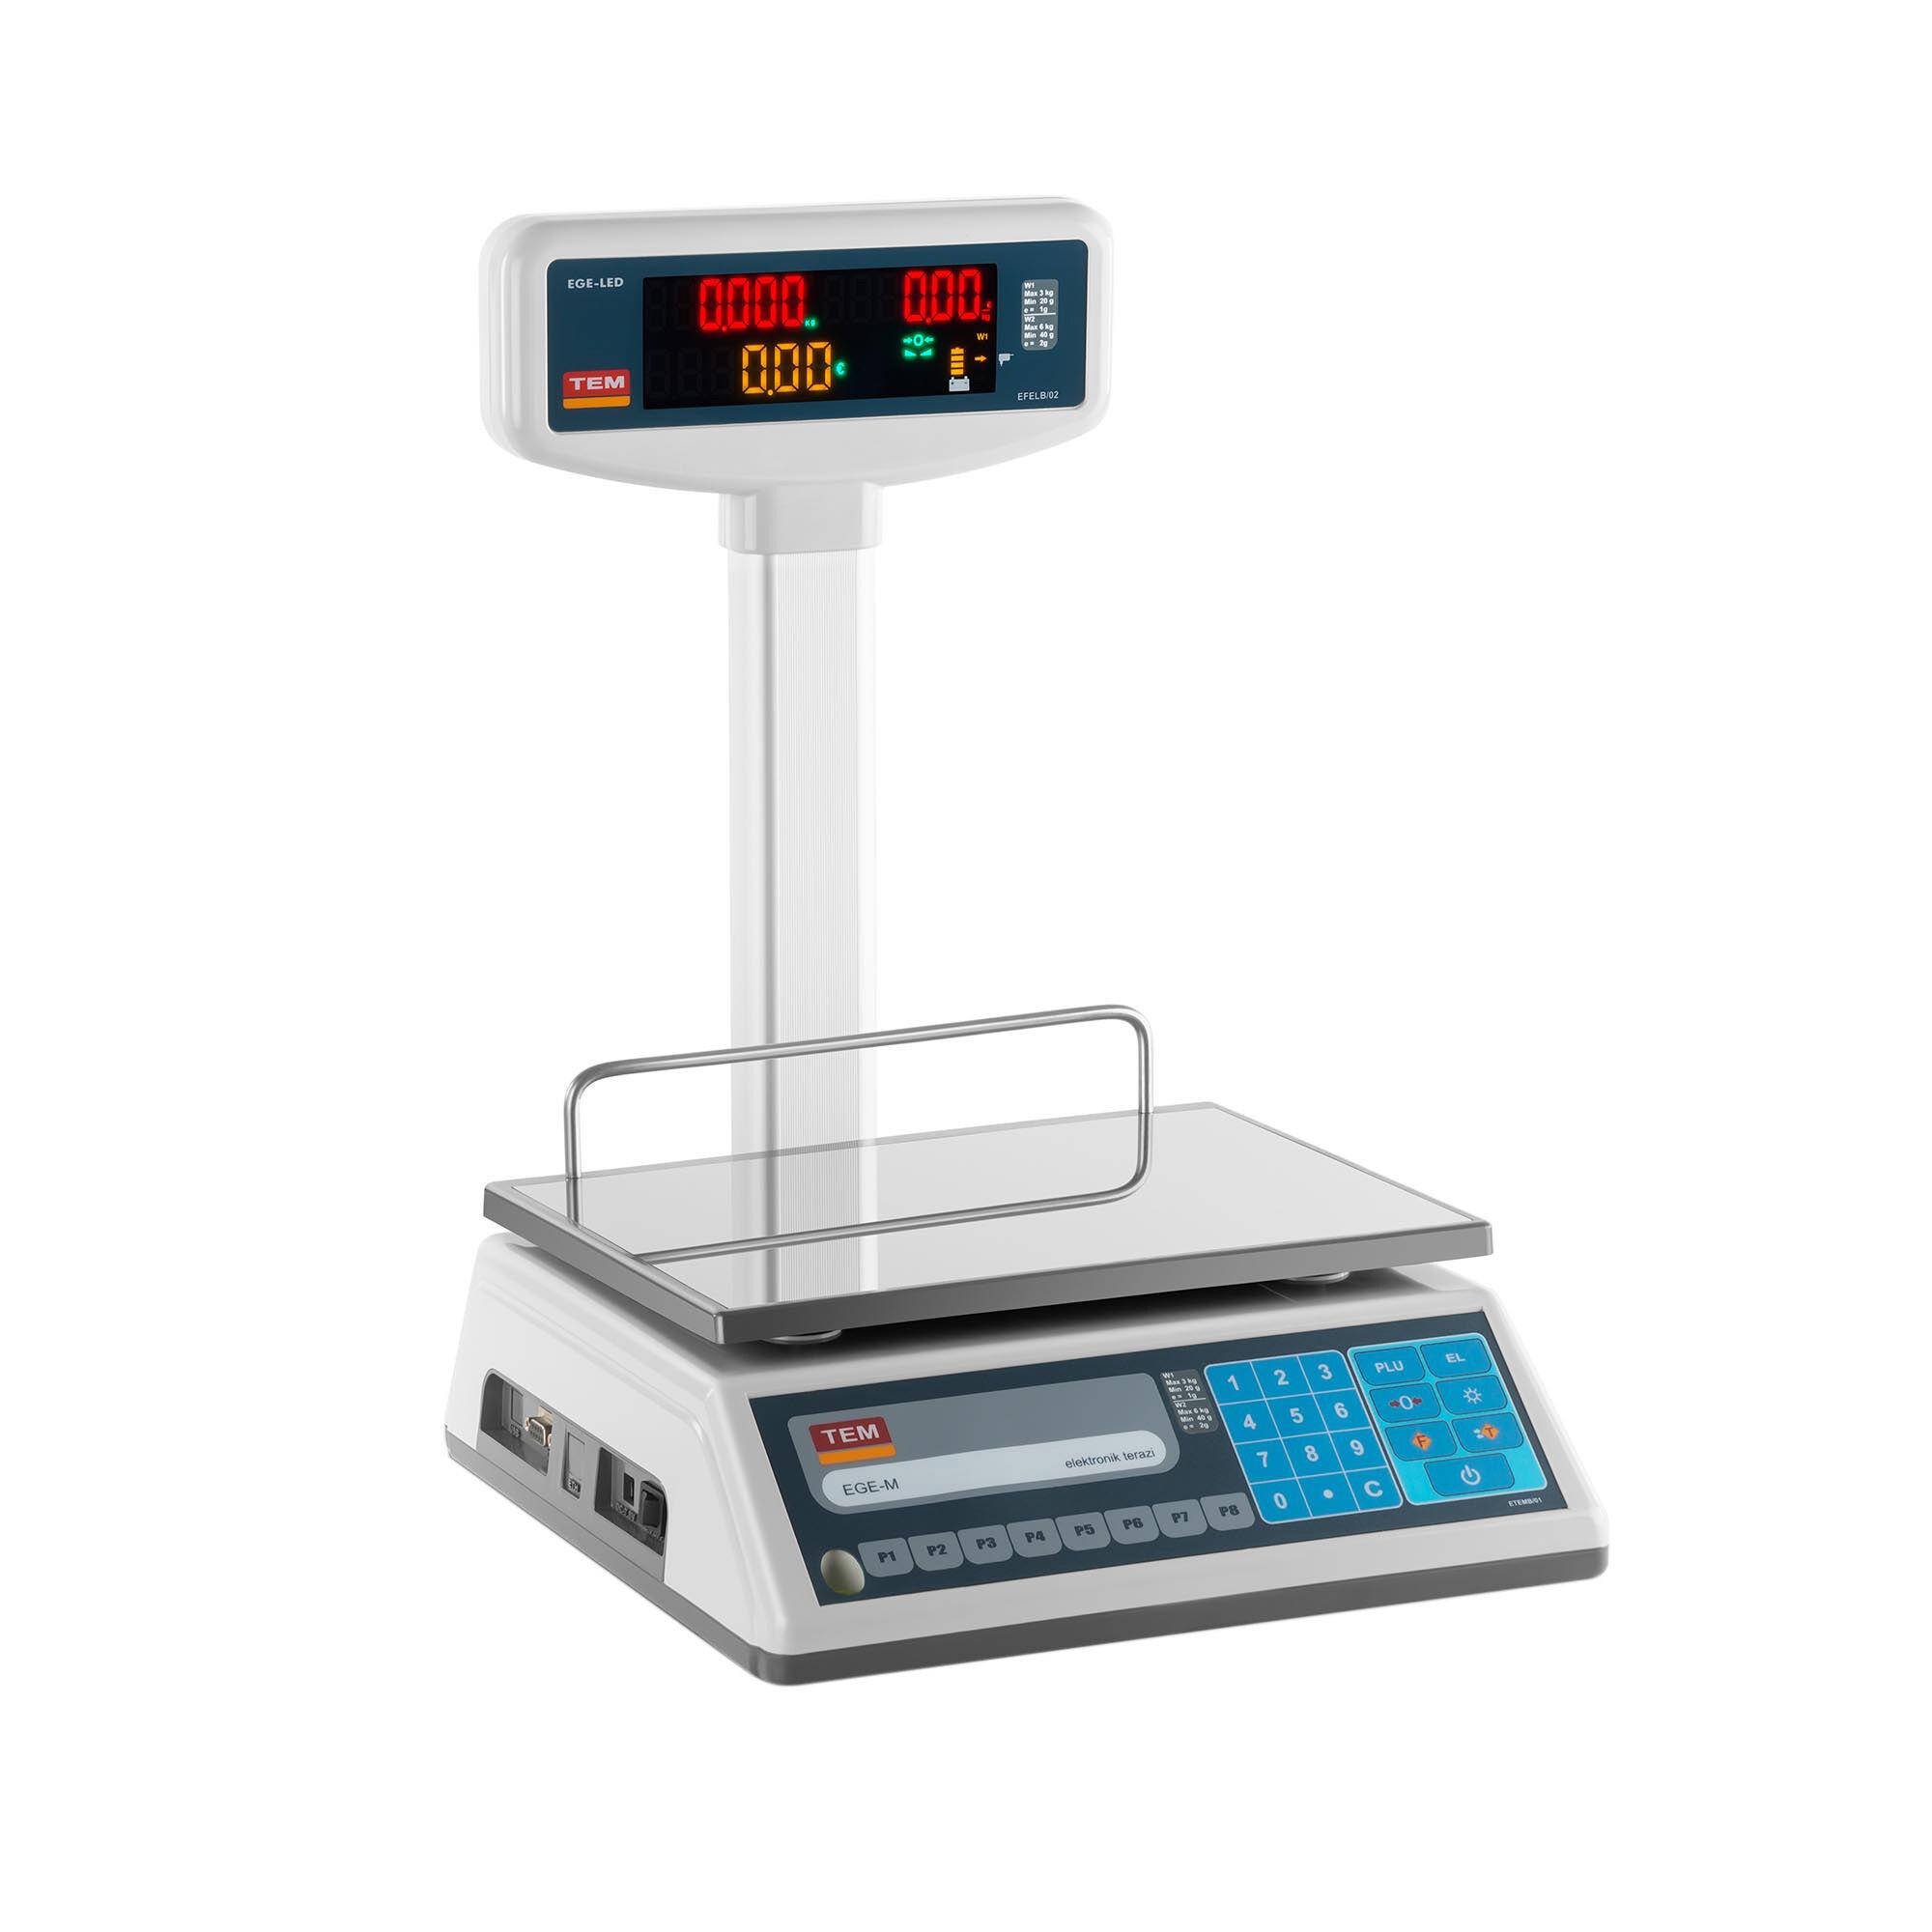 TEM Bilancia da banco prezzatrice con diplay LED alto - tarabile - 3 kg/1 g - 6 kg/2 g TEL006B1D-V2-B1